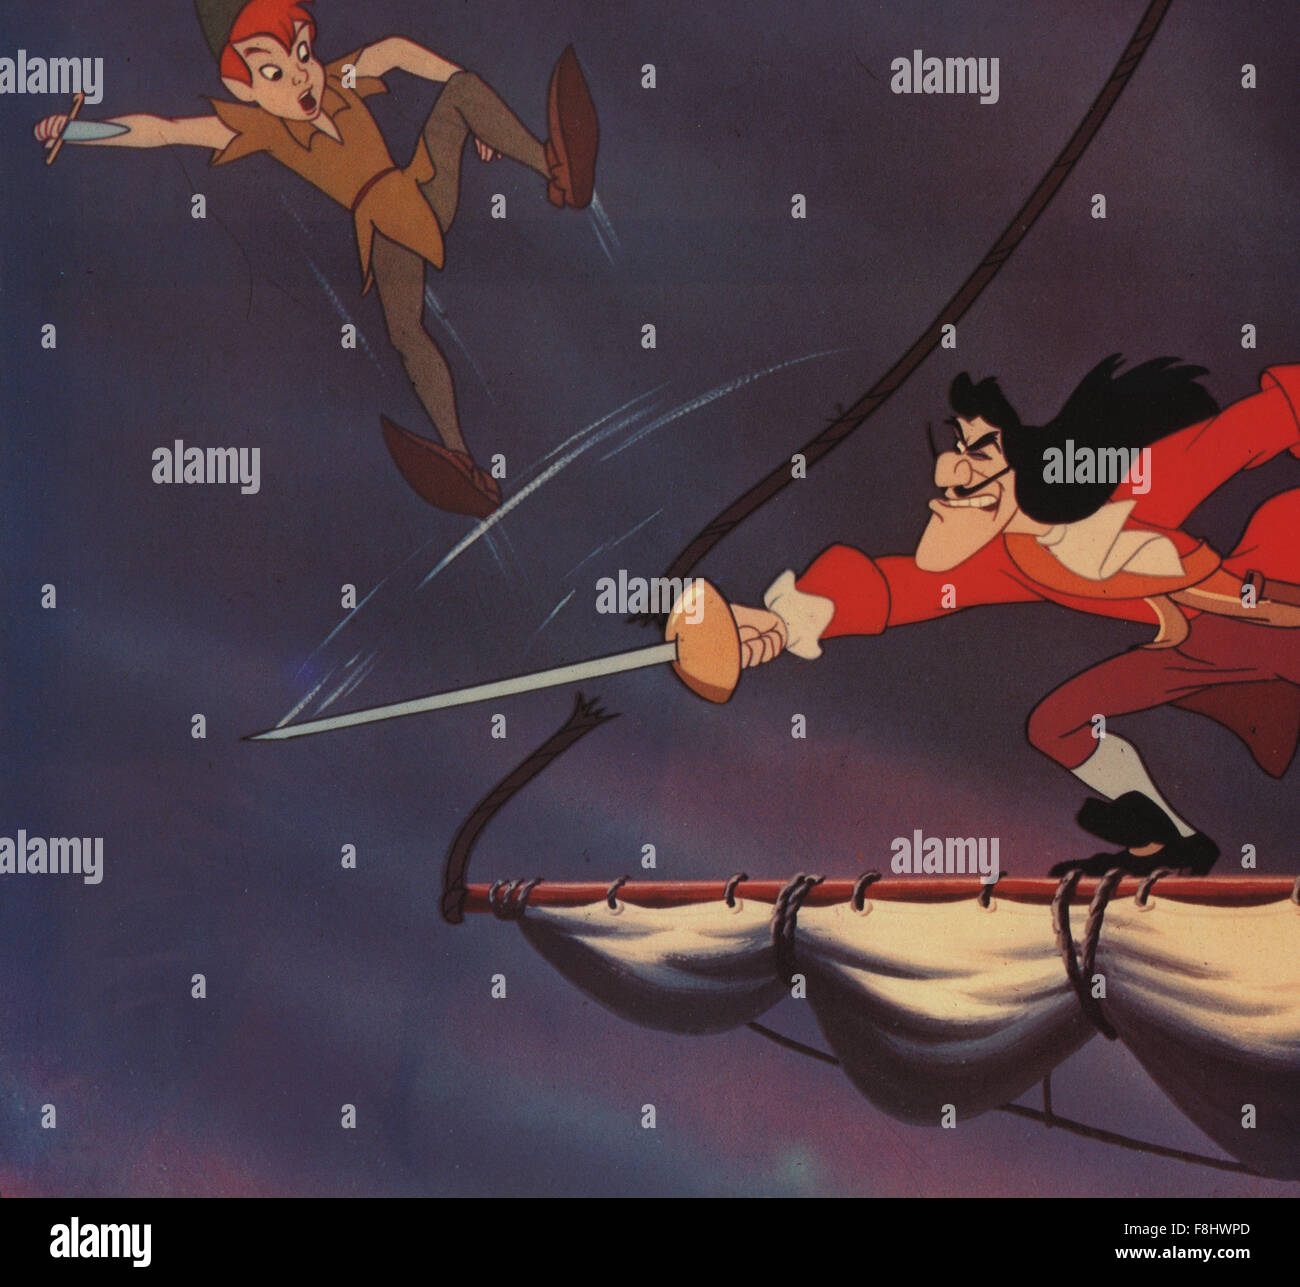 Disney peter pan immagini disney peter pan fotos stock alamy